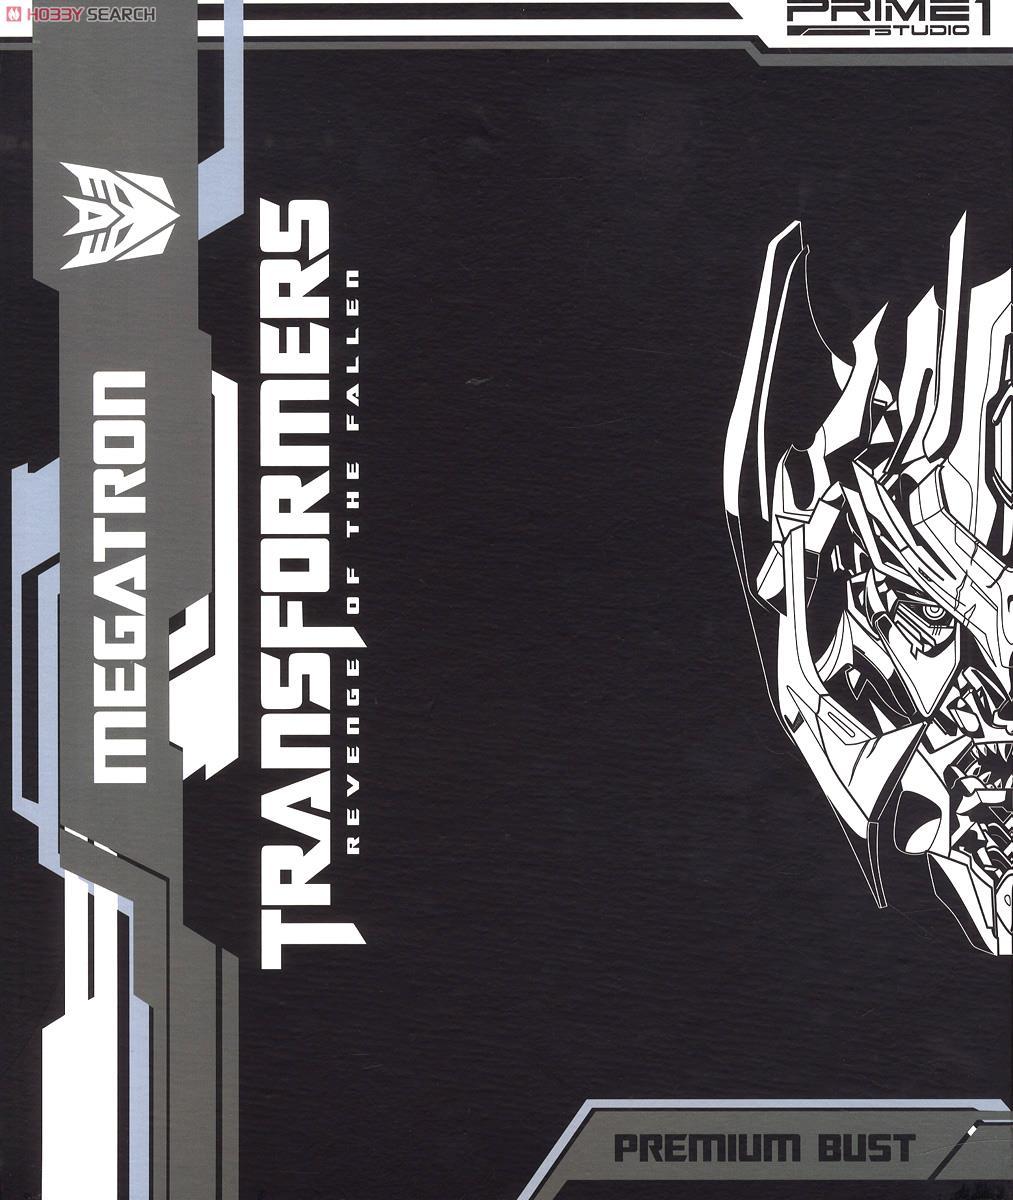 revenge Megatron poly stone bust Final Battle Premium bust Transformers